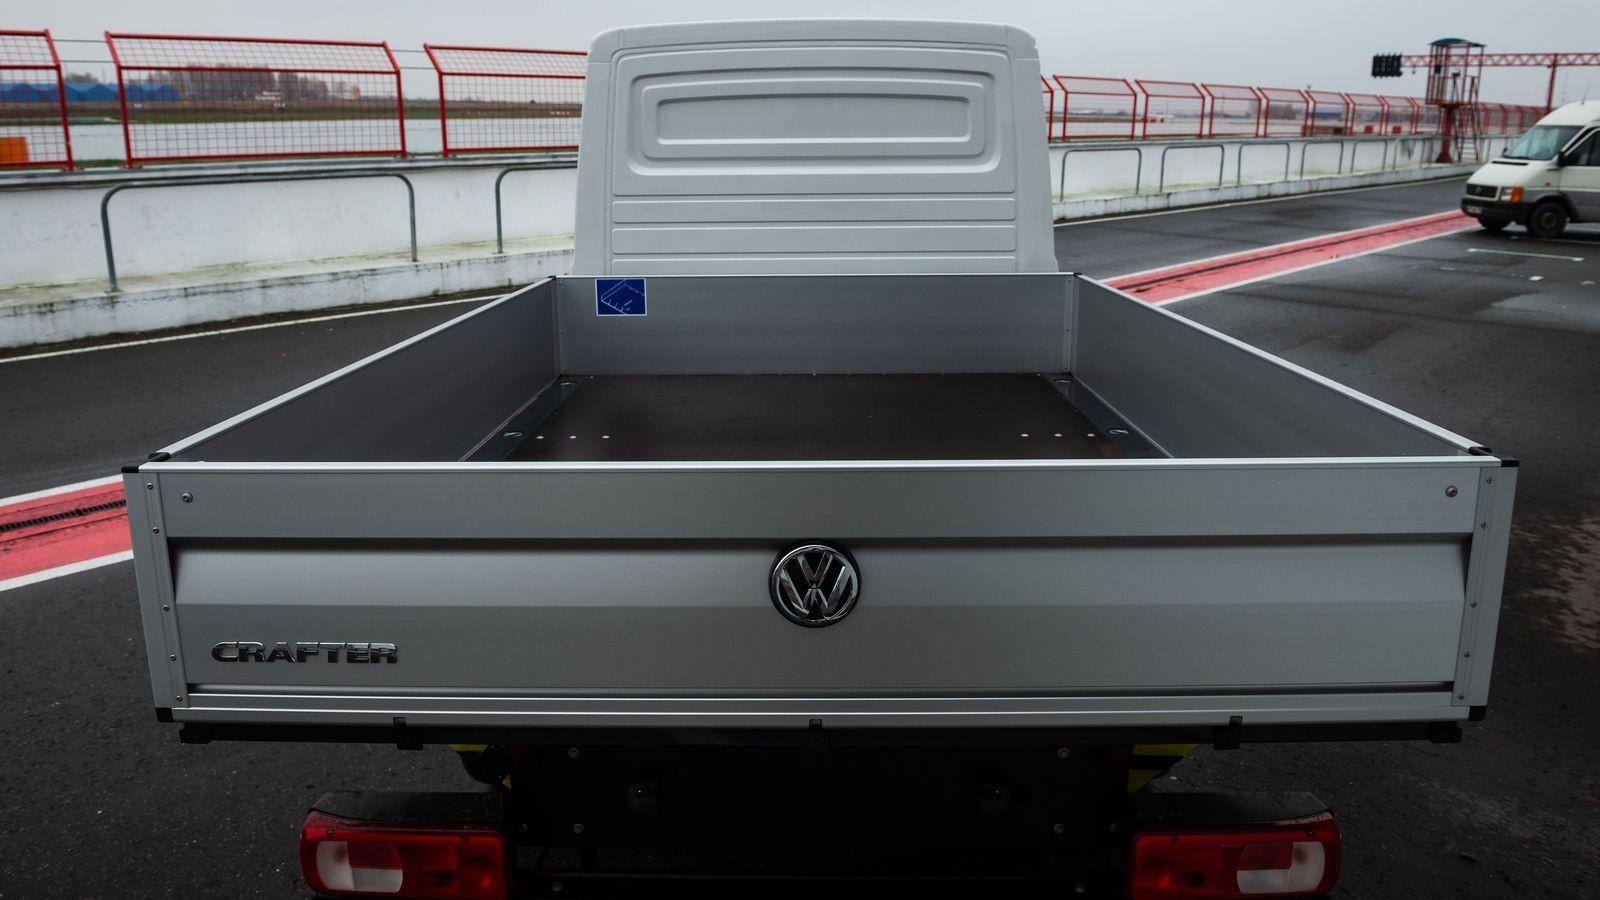 От работяги до эстета: эволюционный тест-драйв четырёх поколений Volkswagen Crafter